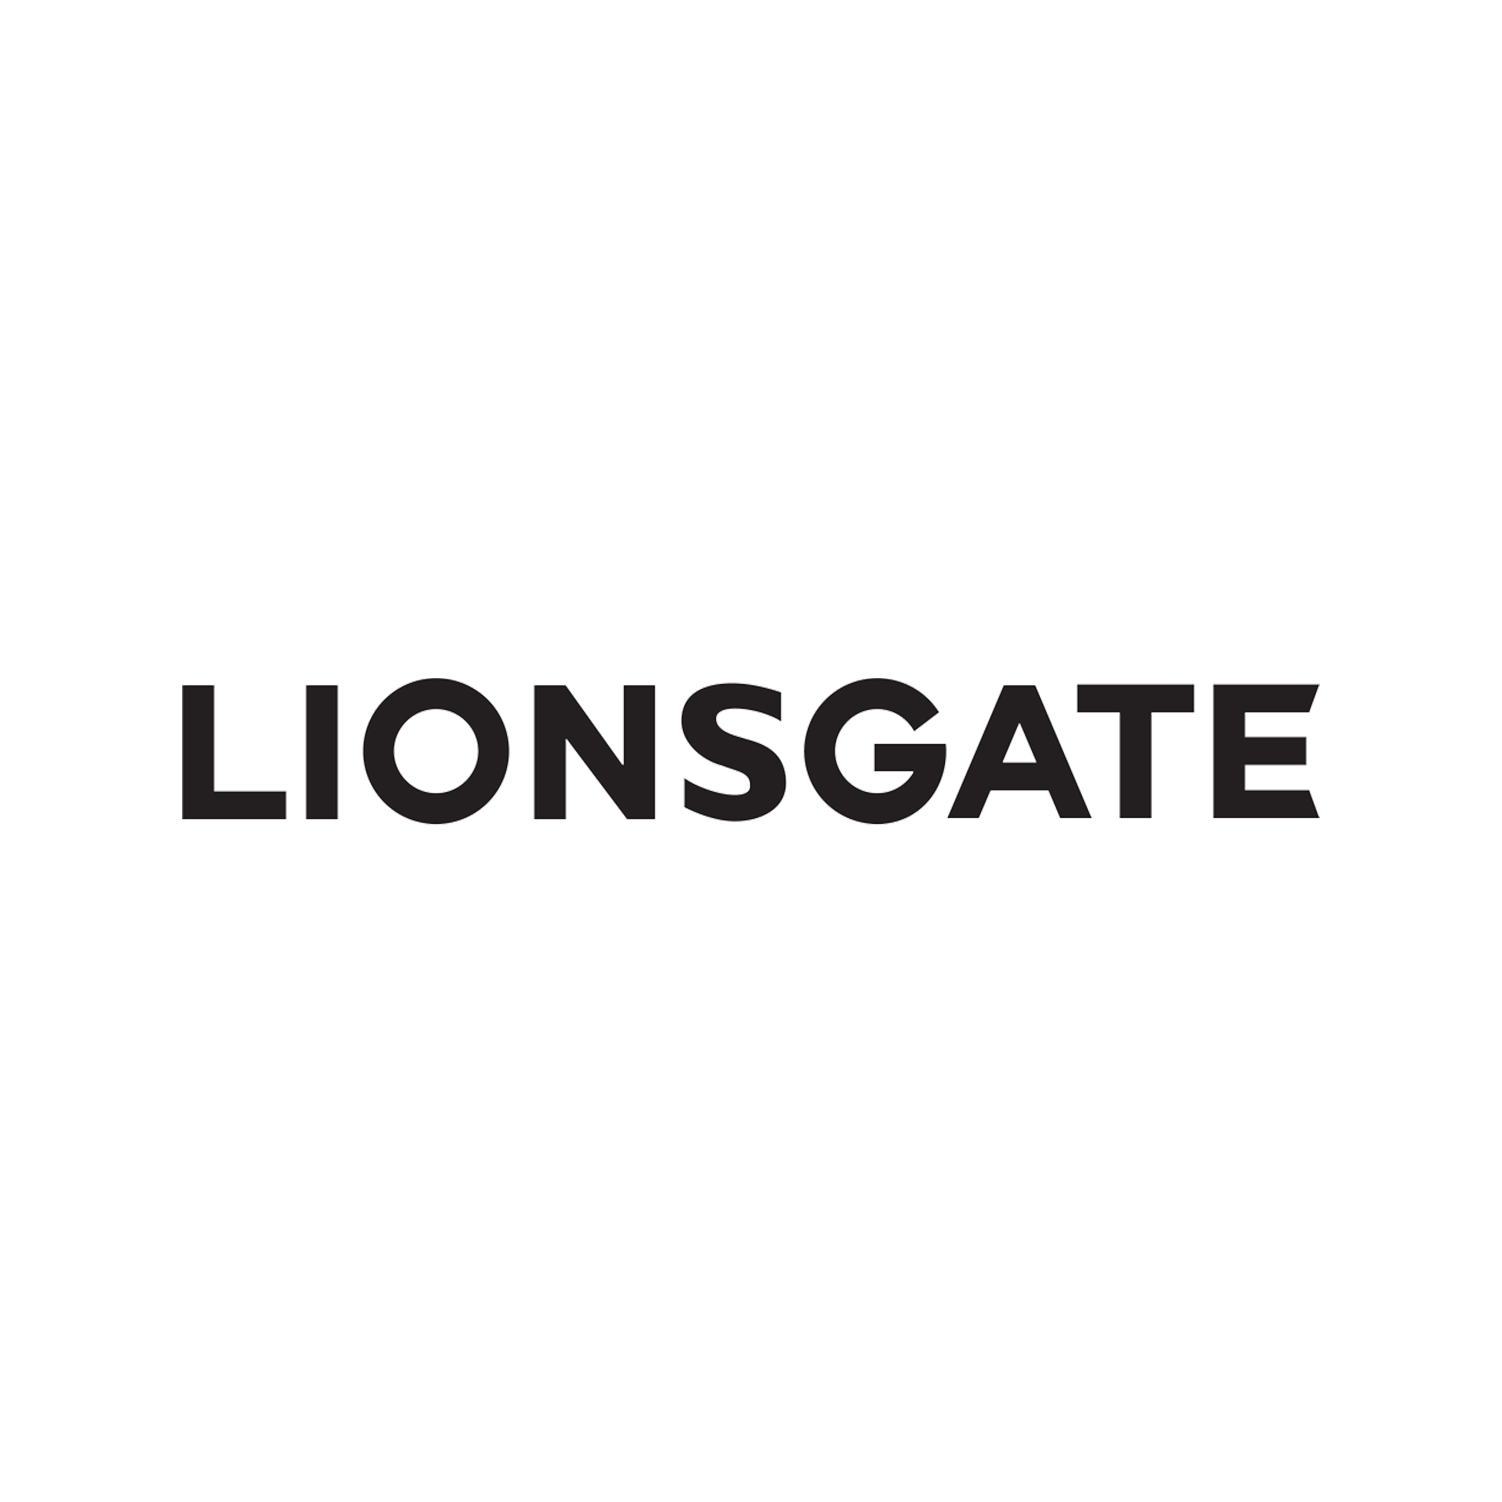 lionsgate.